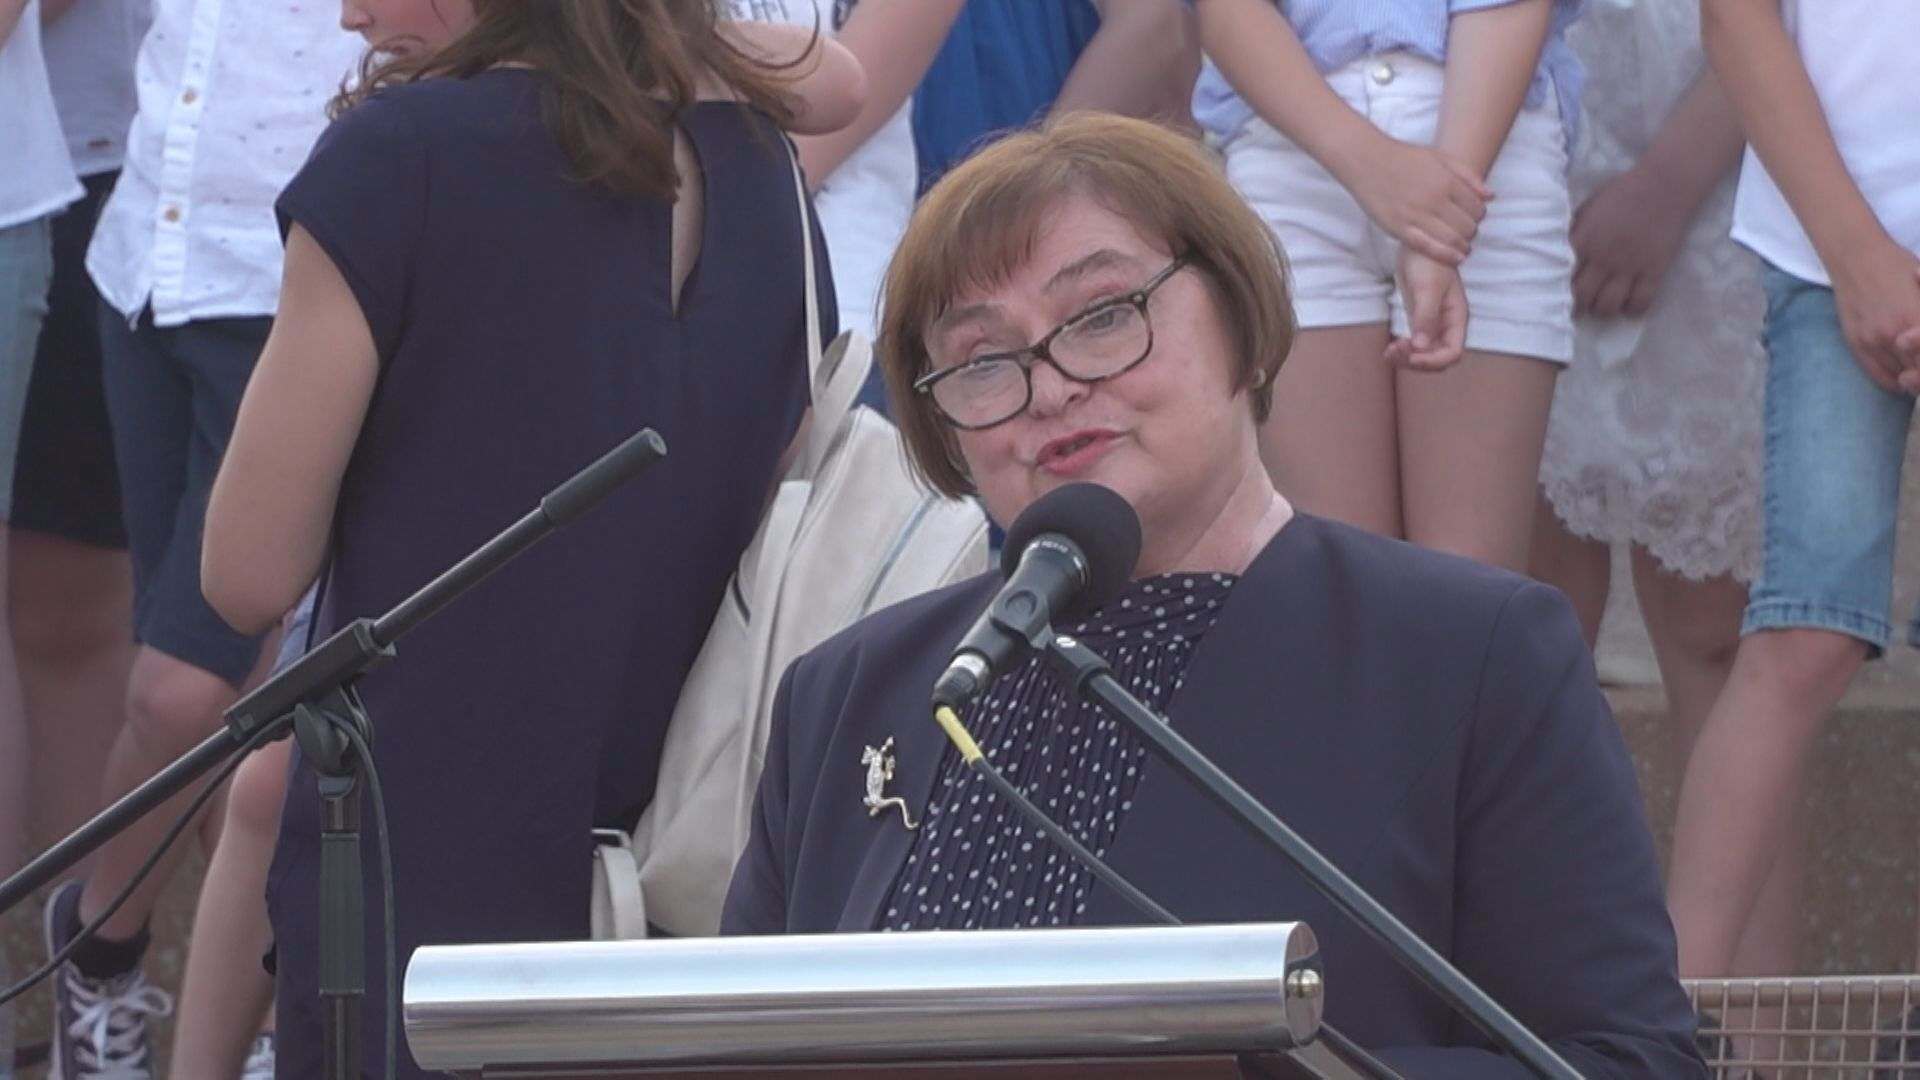 Portal: Nagovor slavnostne govorke Marije Hernja Masten, častne občanke Mestne občine Ptuj ob Dnevu državnosti